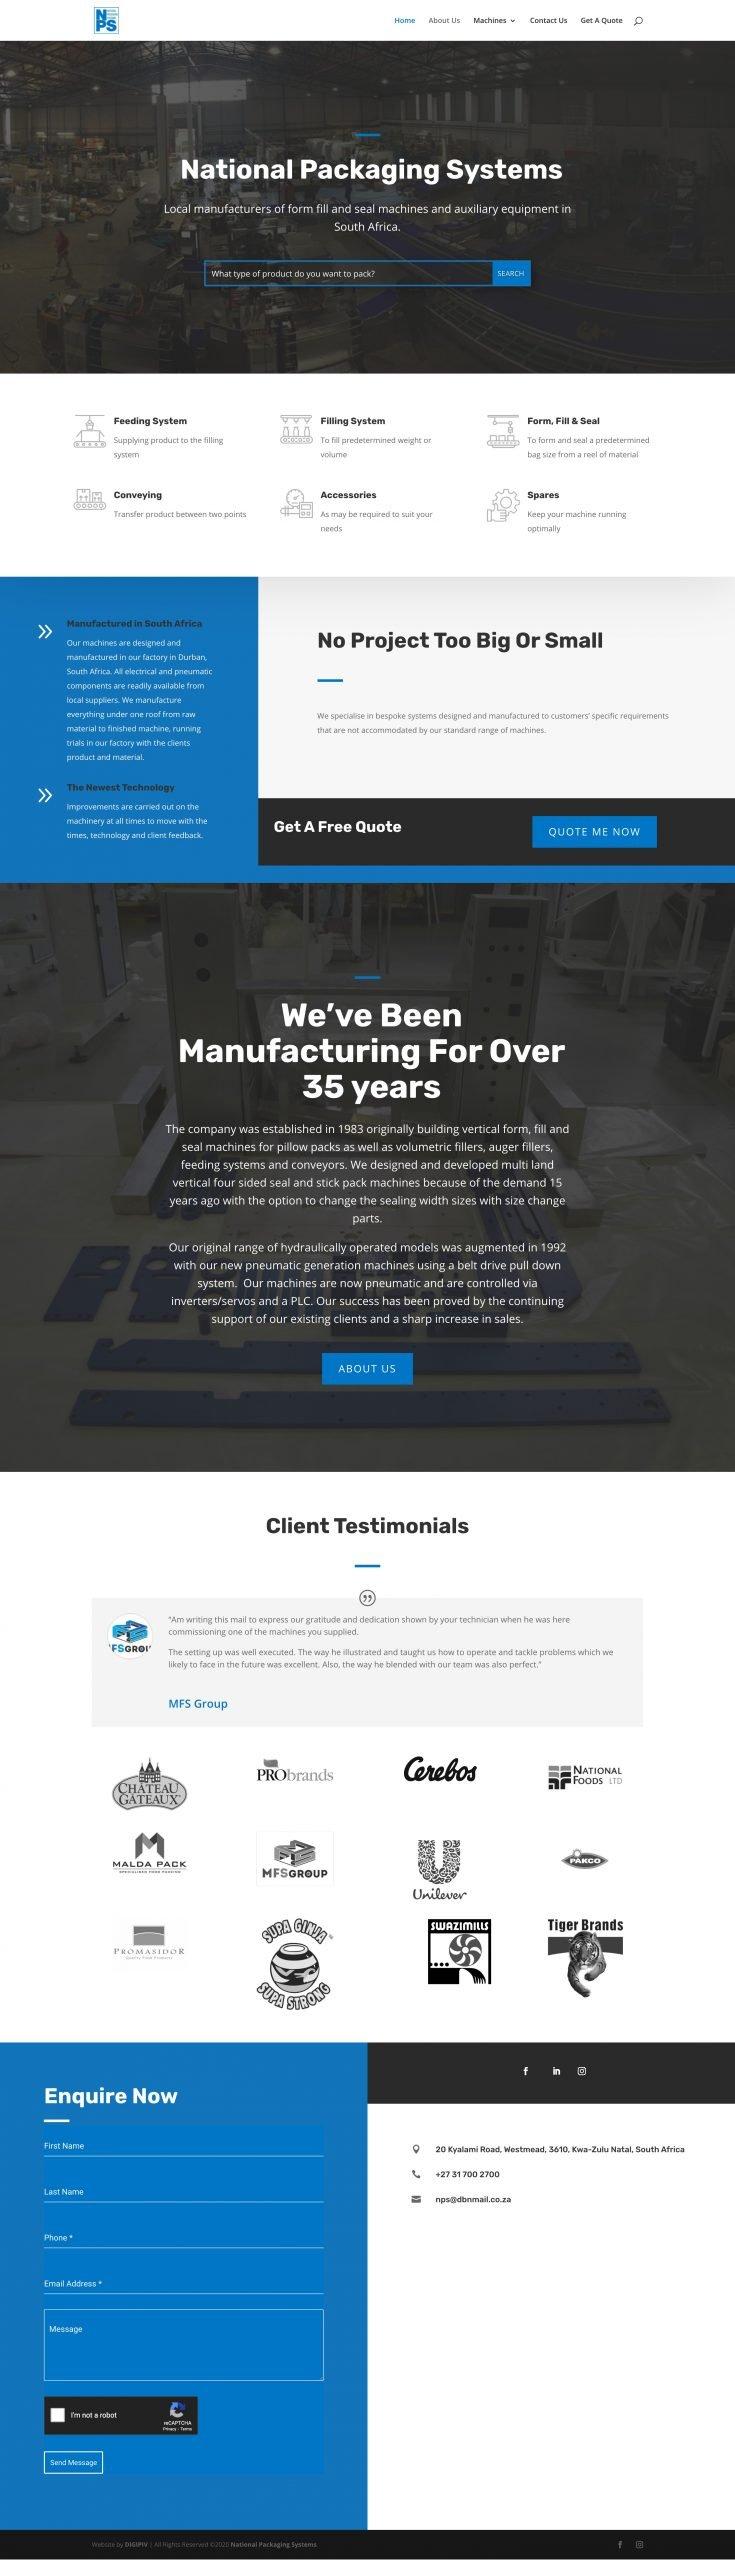 NPS Homepage